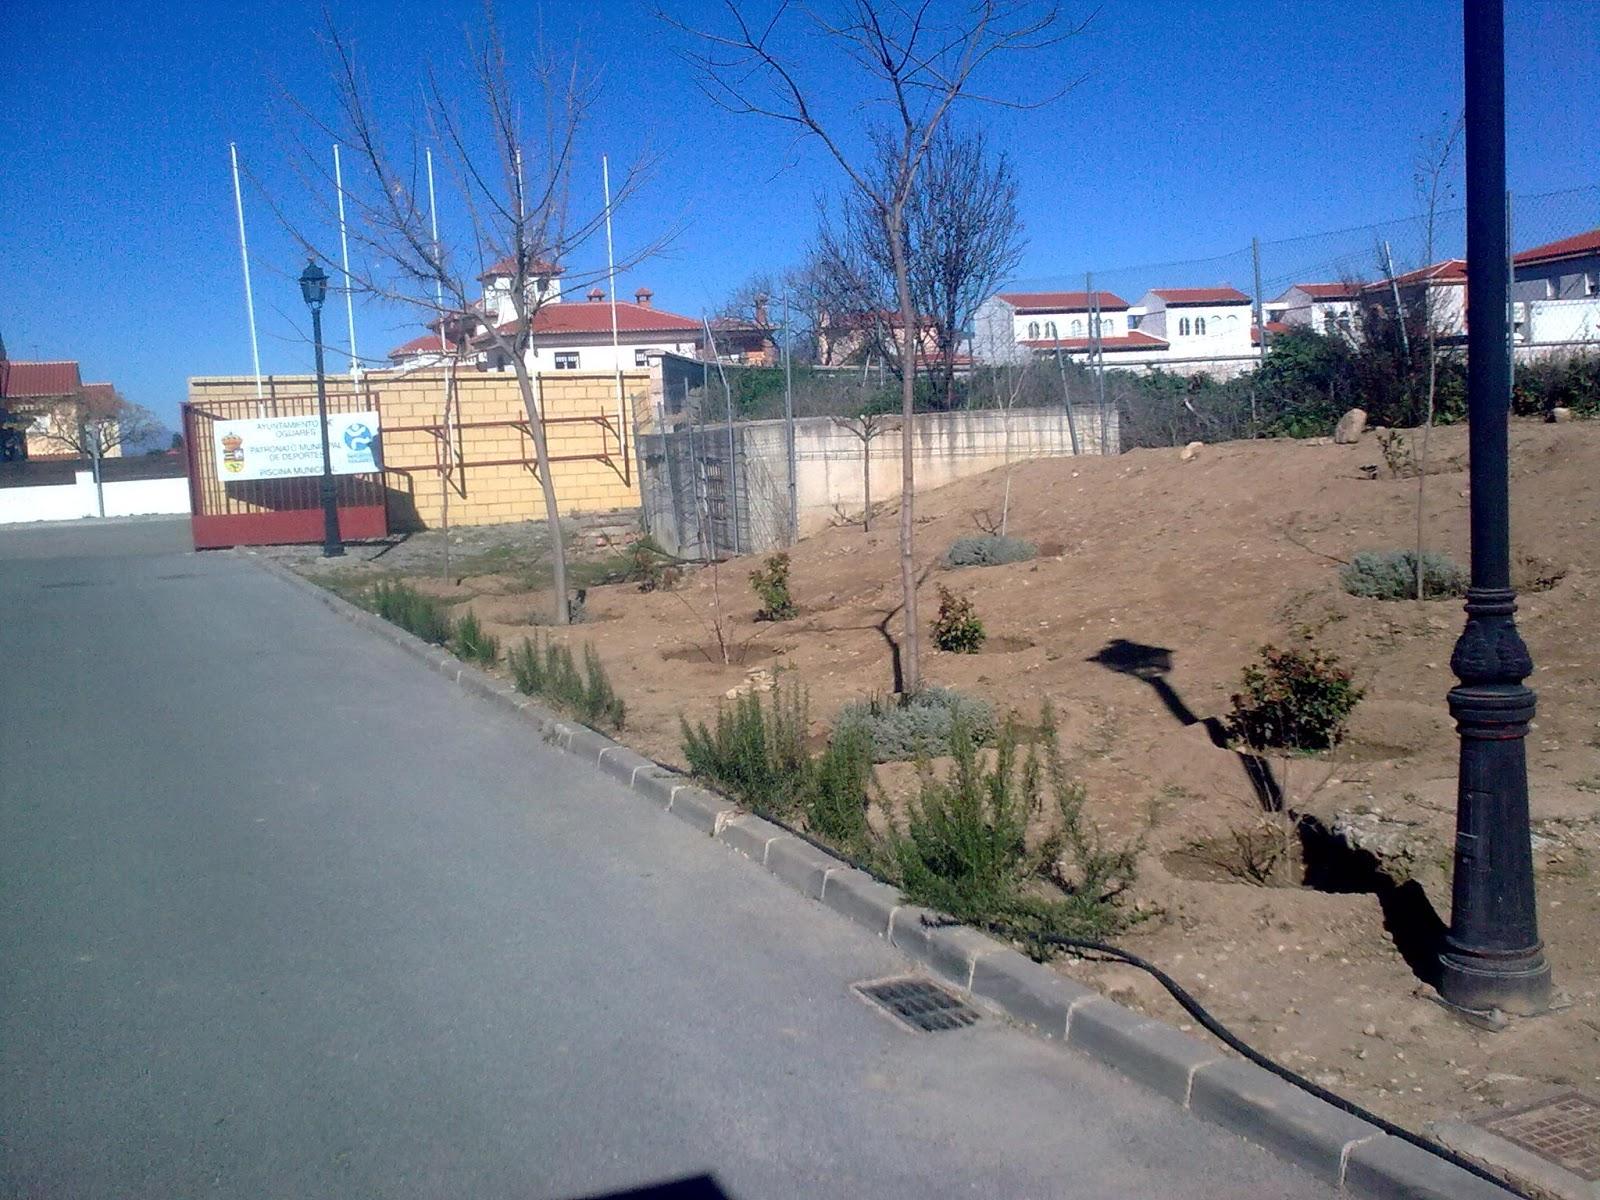 Parques y jardines de ogijares piscina municipal arreglo for Arreglos de parques y jardines